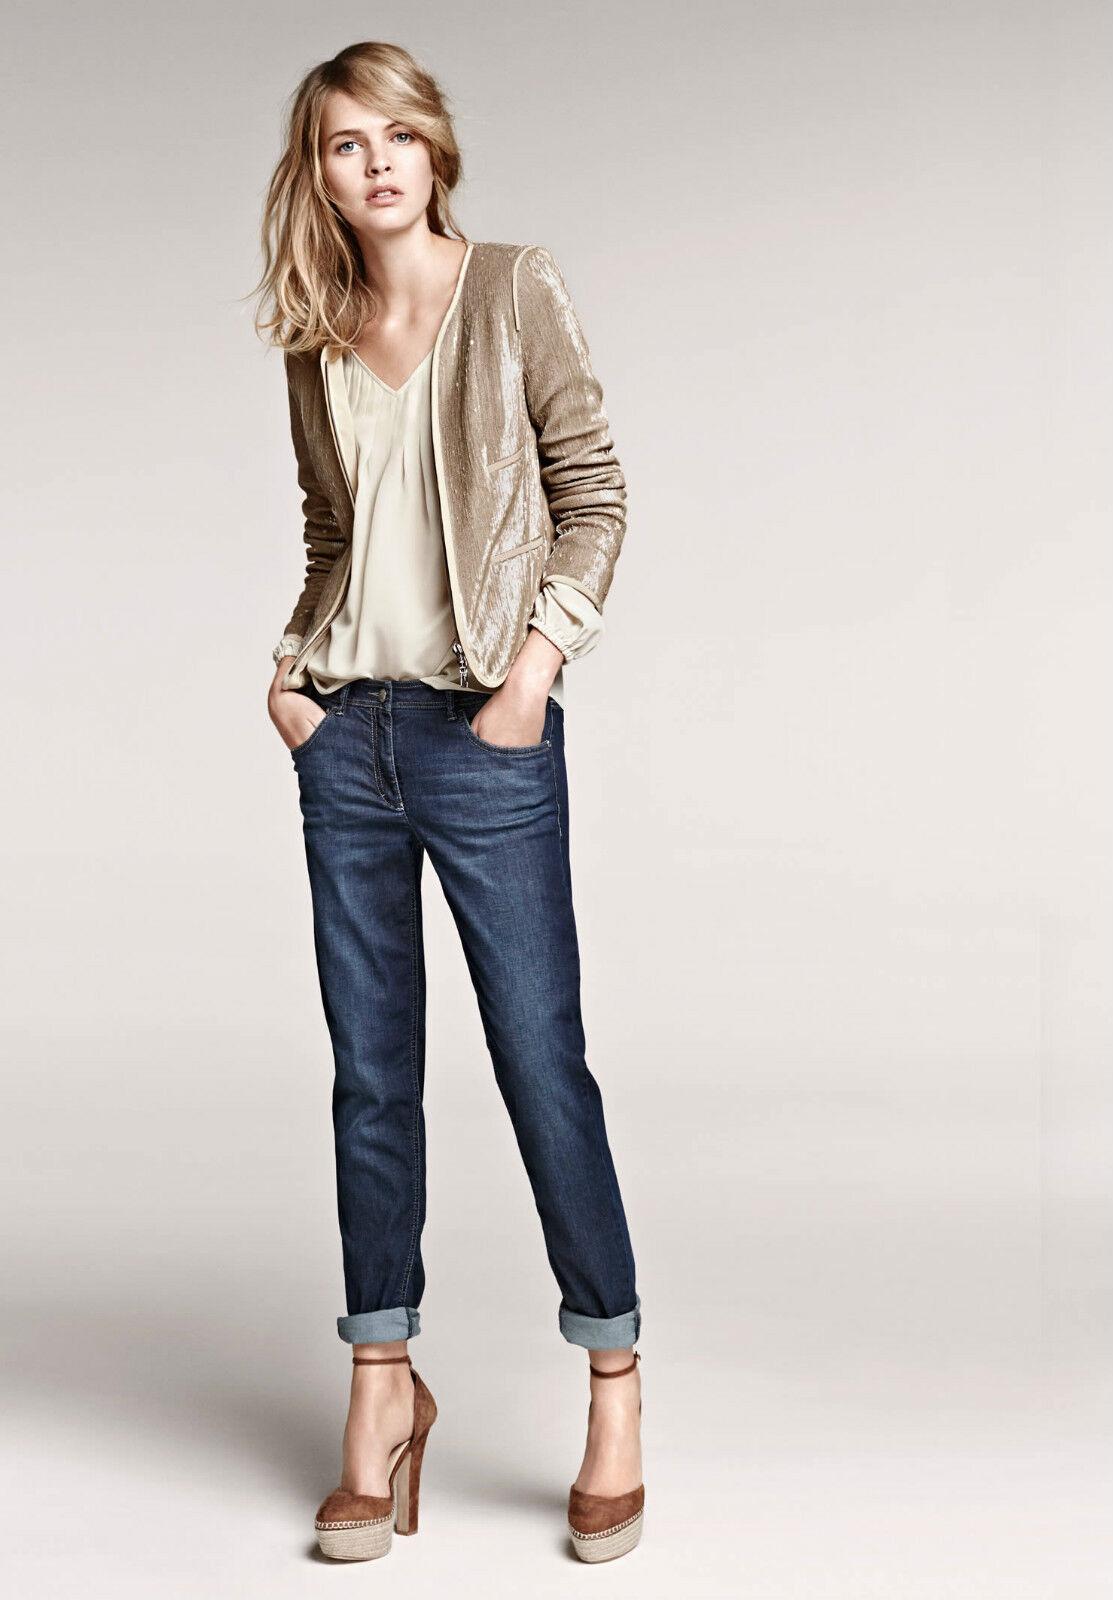 Luisa Cerano Skinny Boyfriend Fit Jeans - Größe 12 - Box62 43 E